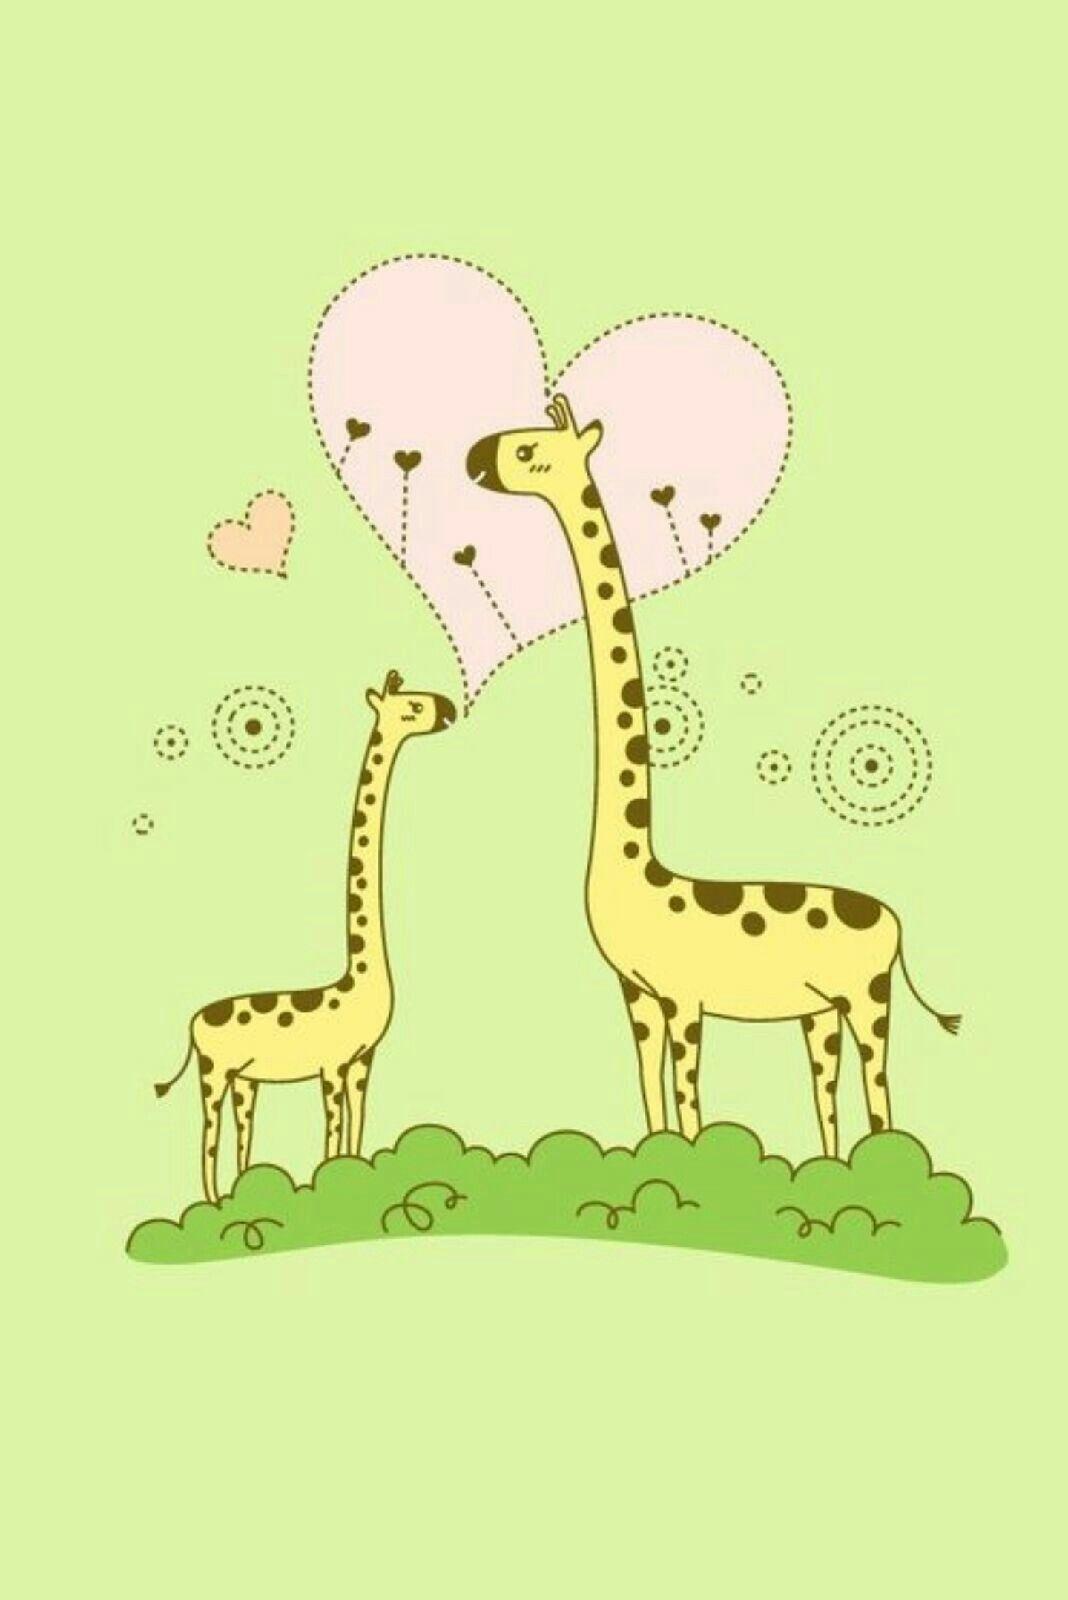 pin by shonda vaughn on giraffes galore pinterest giraffe